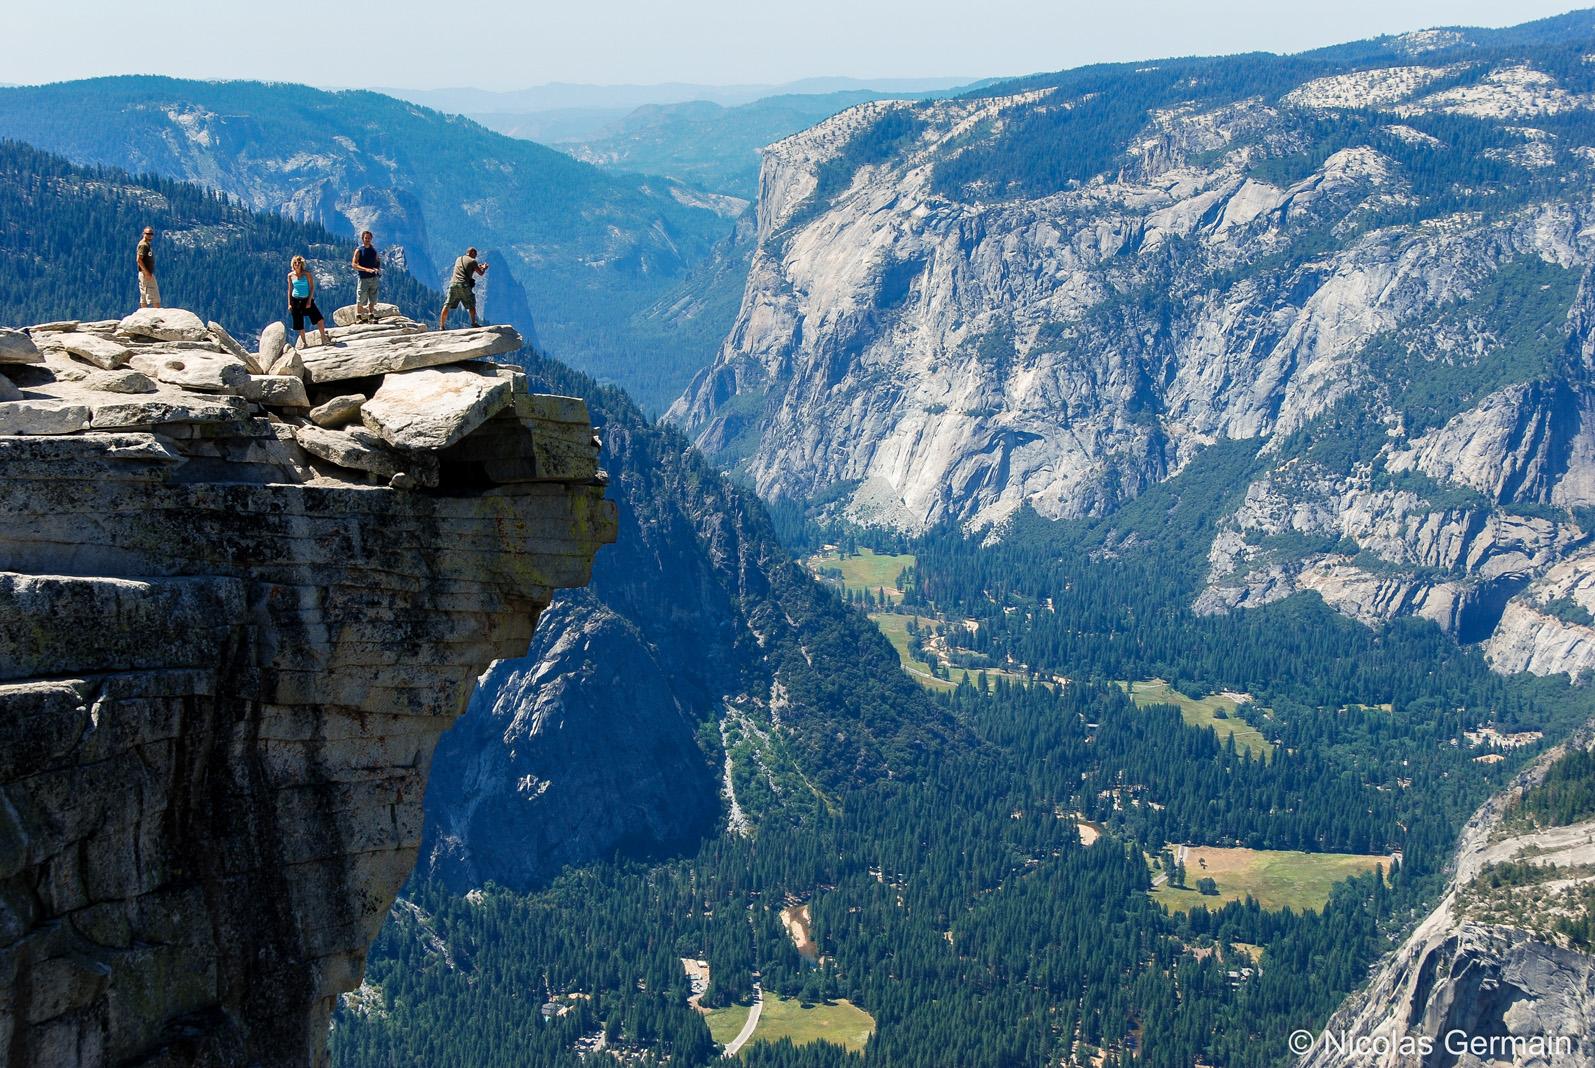 Vallée de Yosemite vue d'un promontoire au sommet du Half Dome